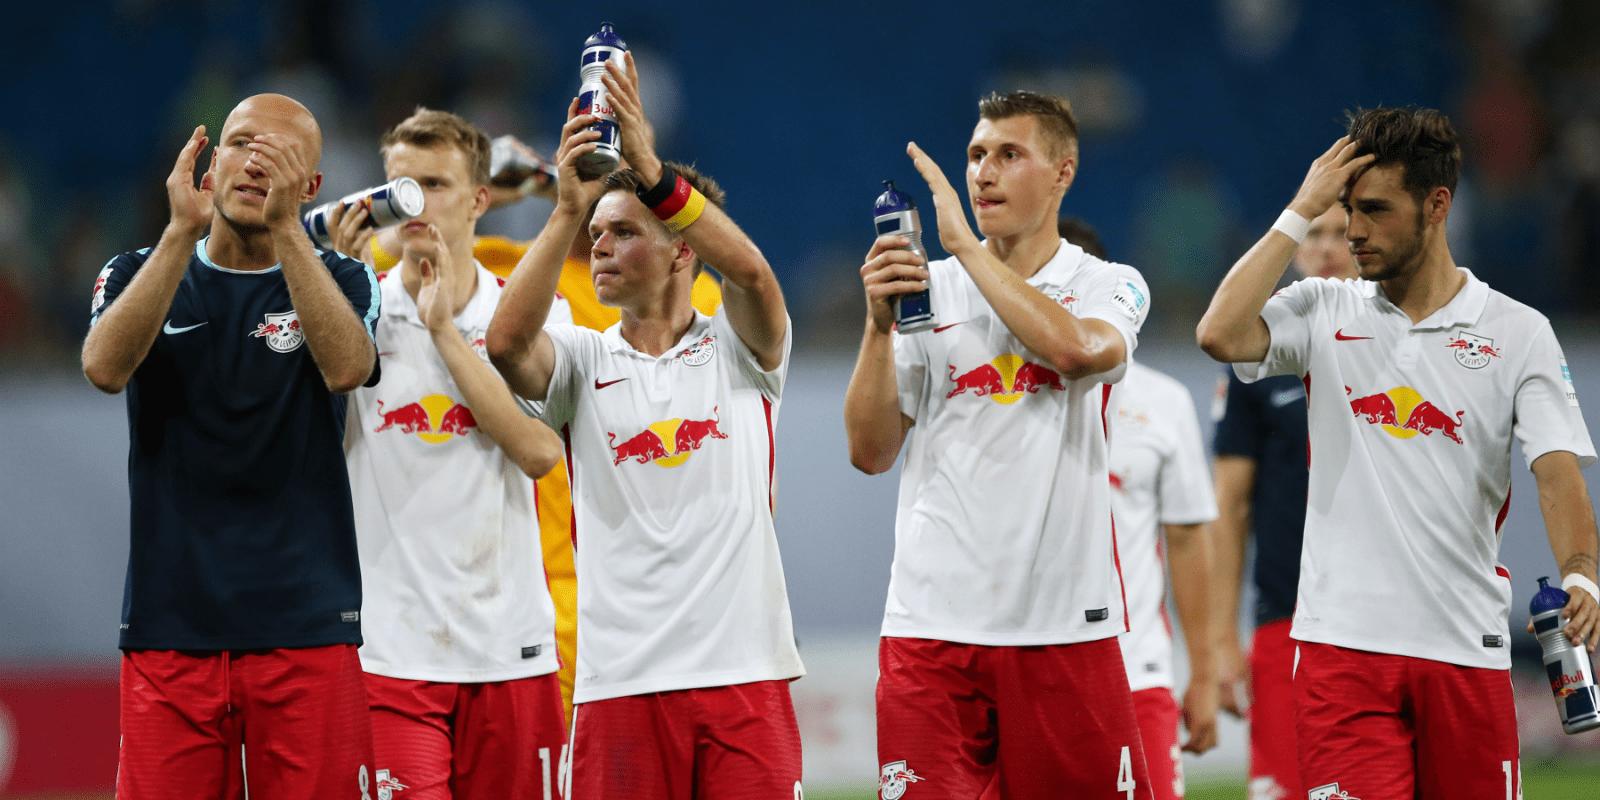 2. Spieltag: RB Leipzig – SpVgg Greuther Fürth 2:2